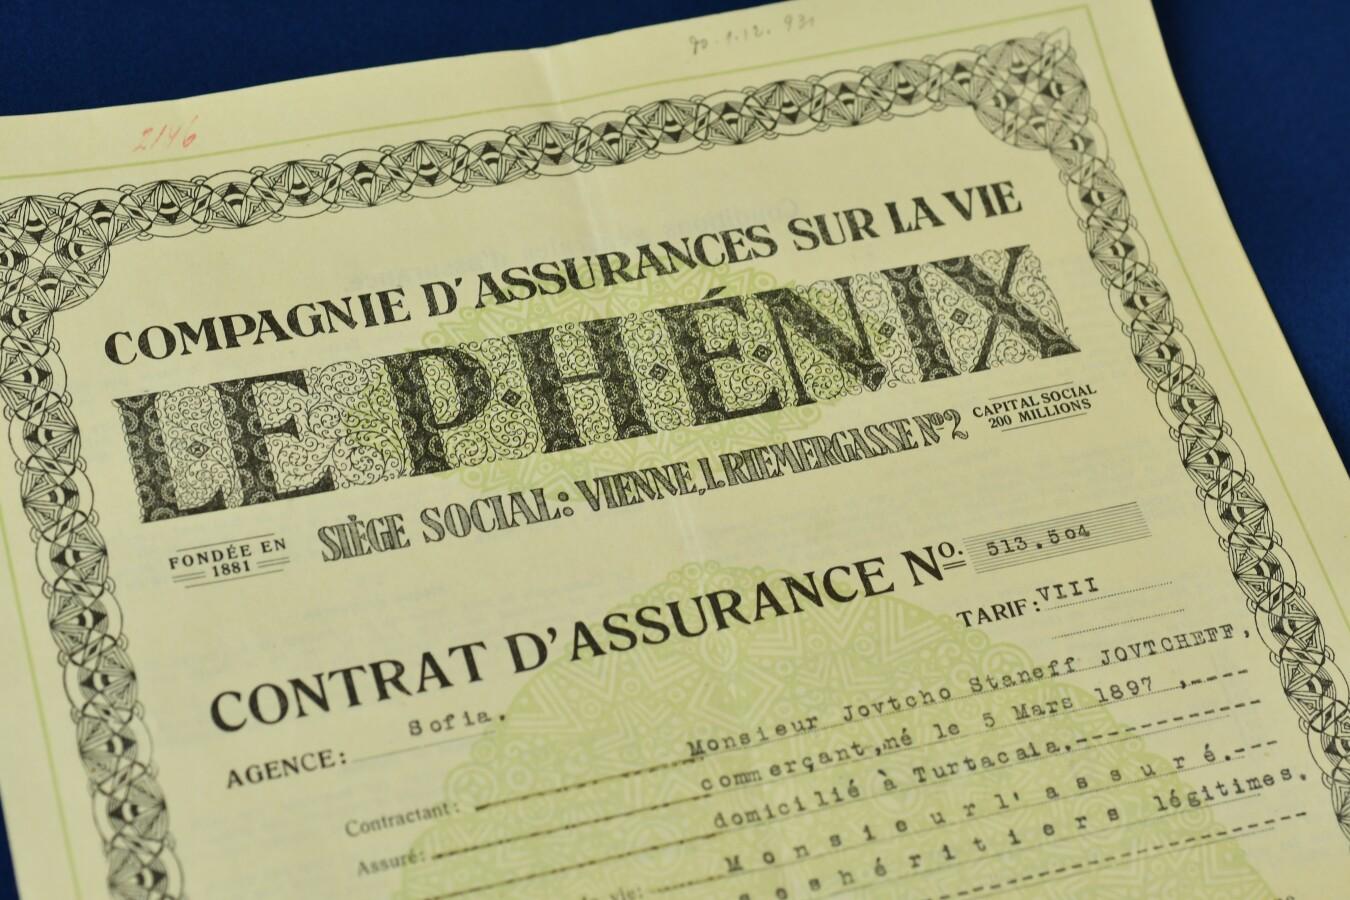 Застрахователен документ на френски език, 1926 г.